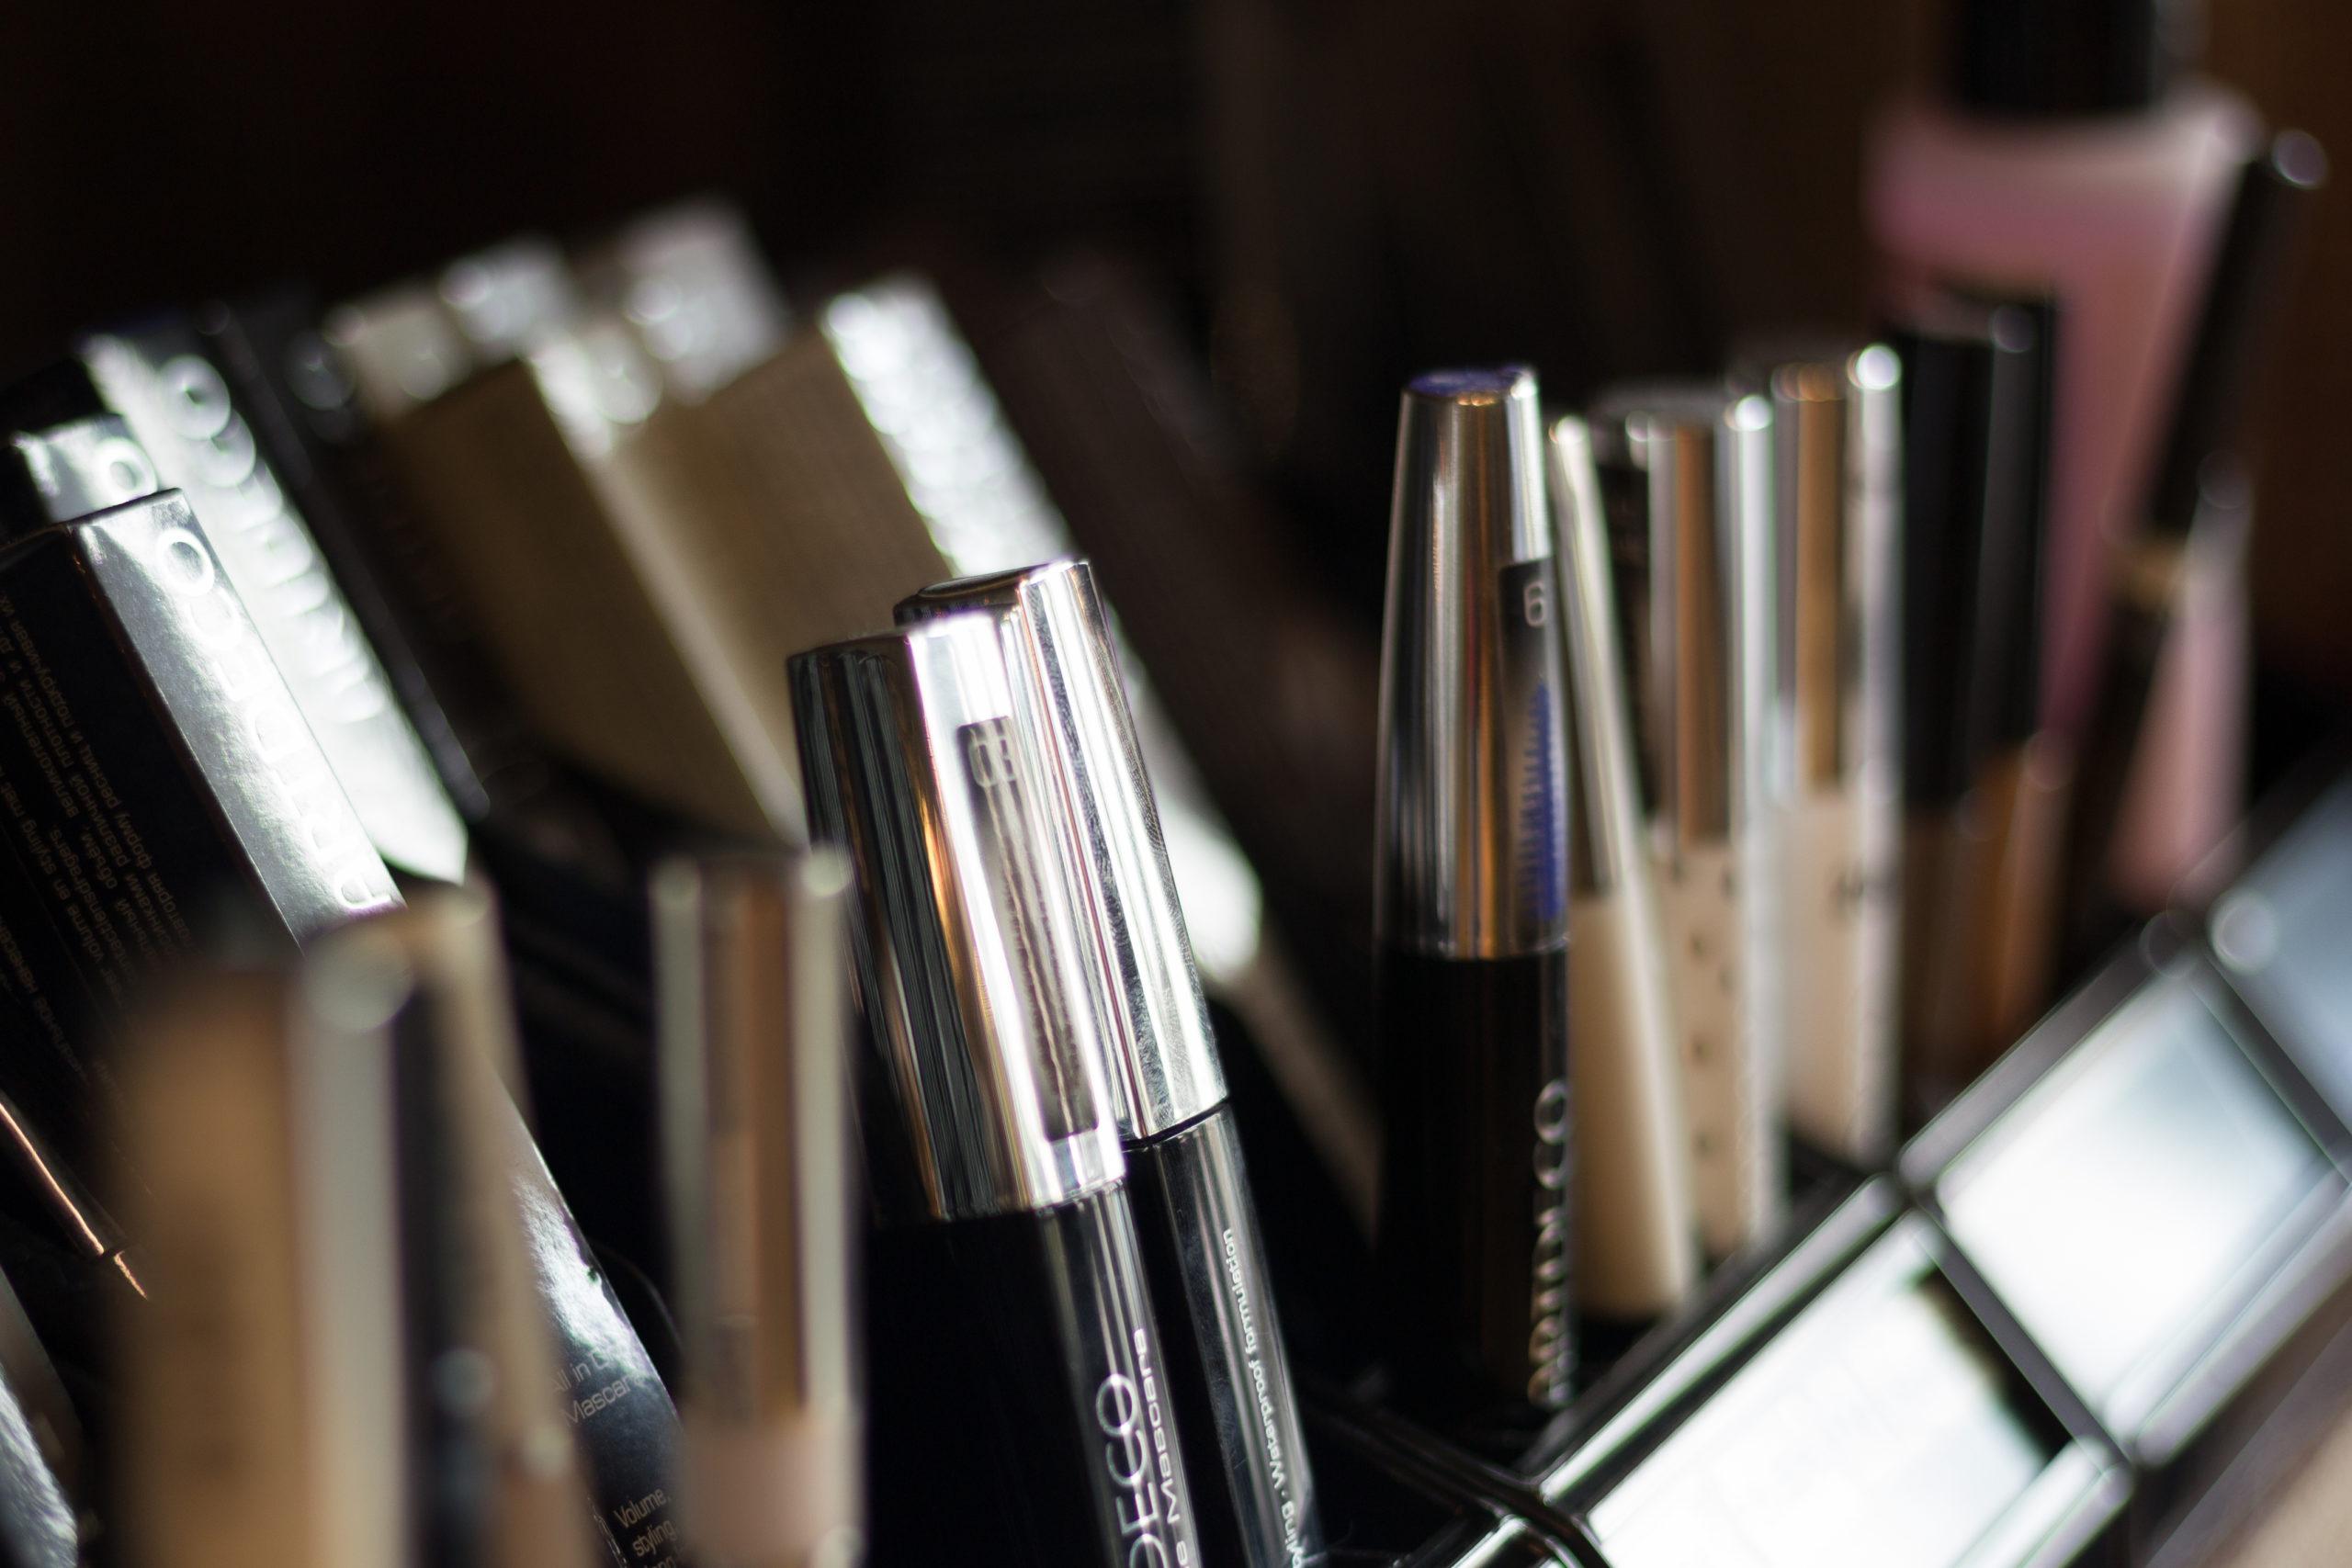 Notre gamme de maquillage ARTDECO